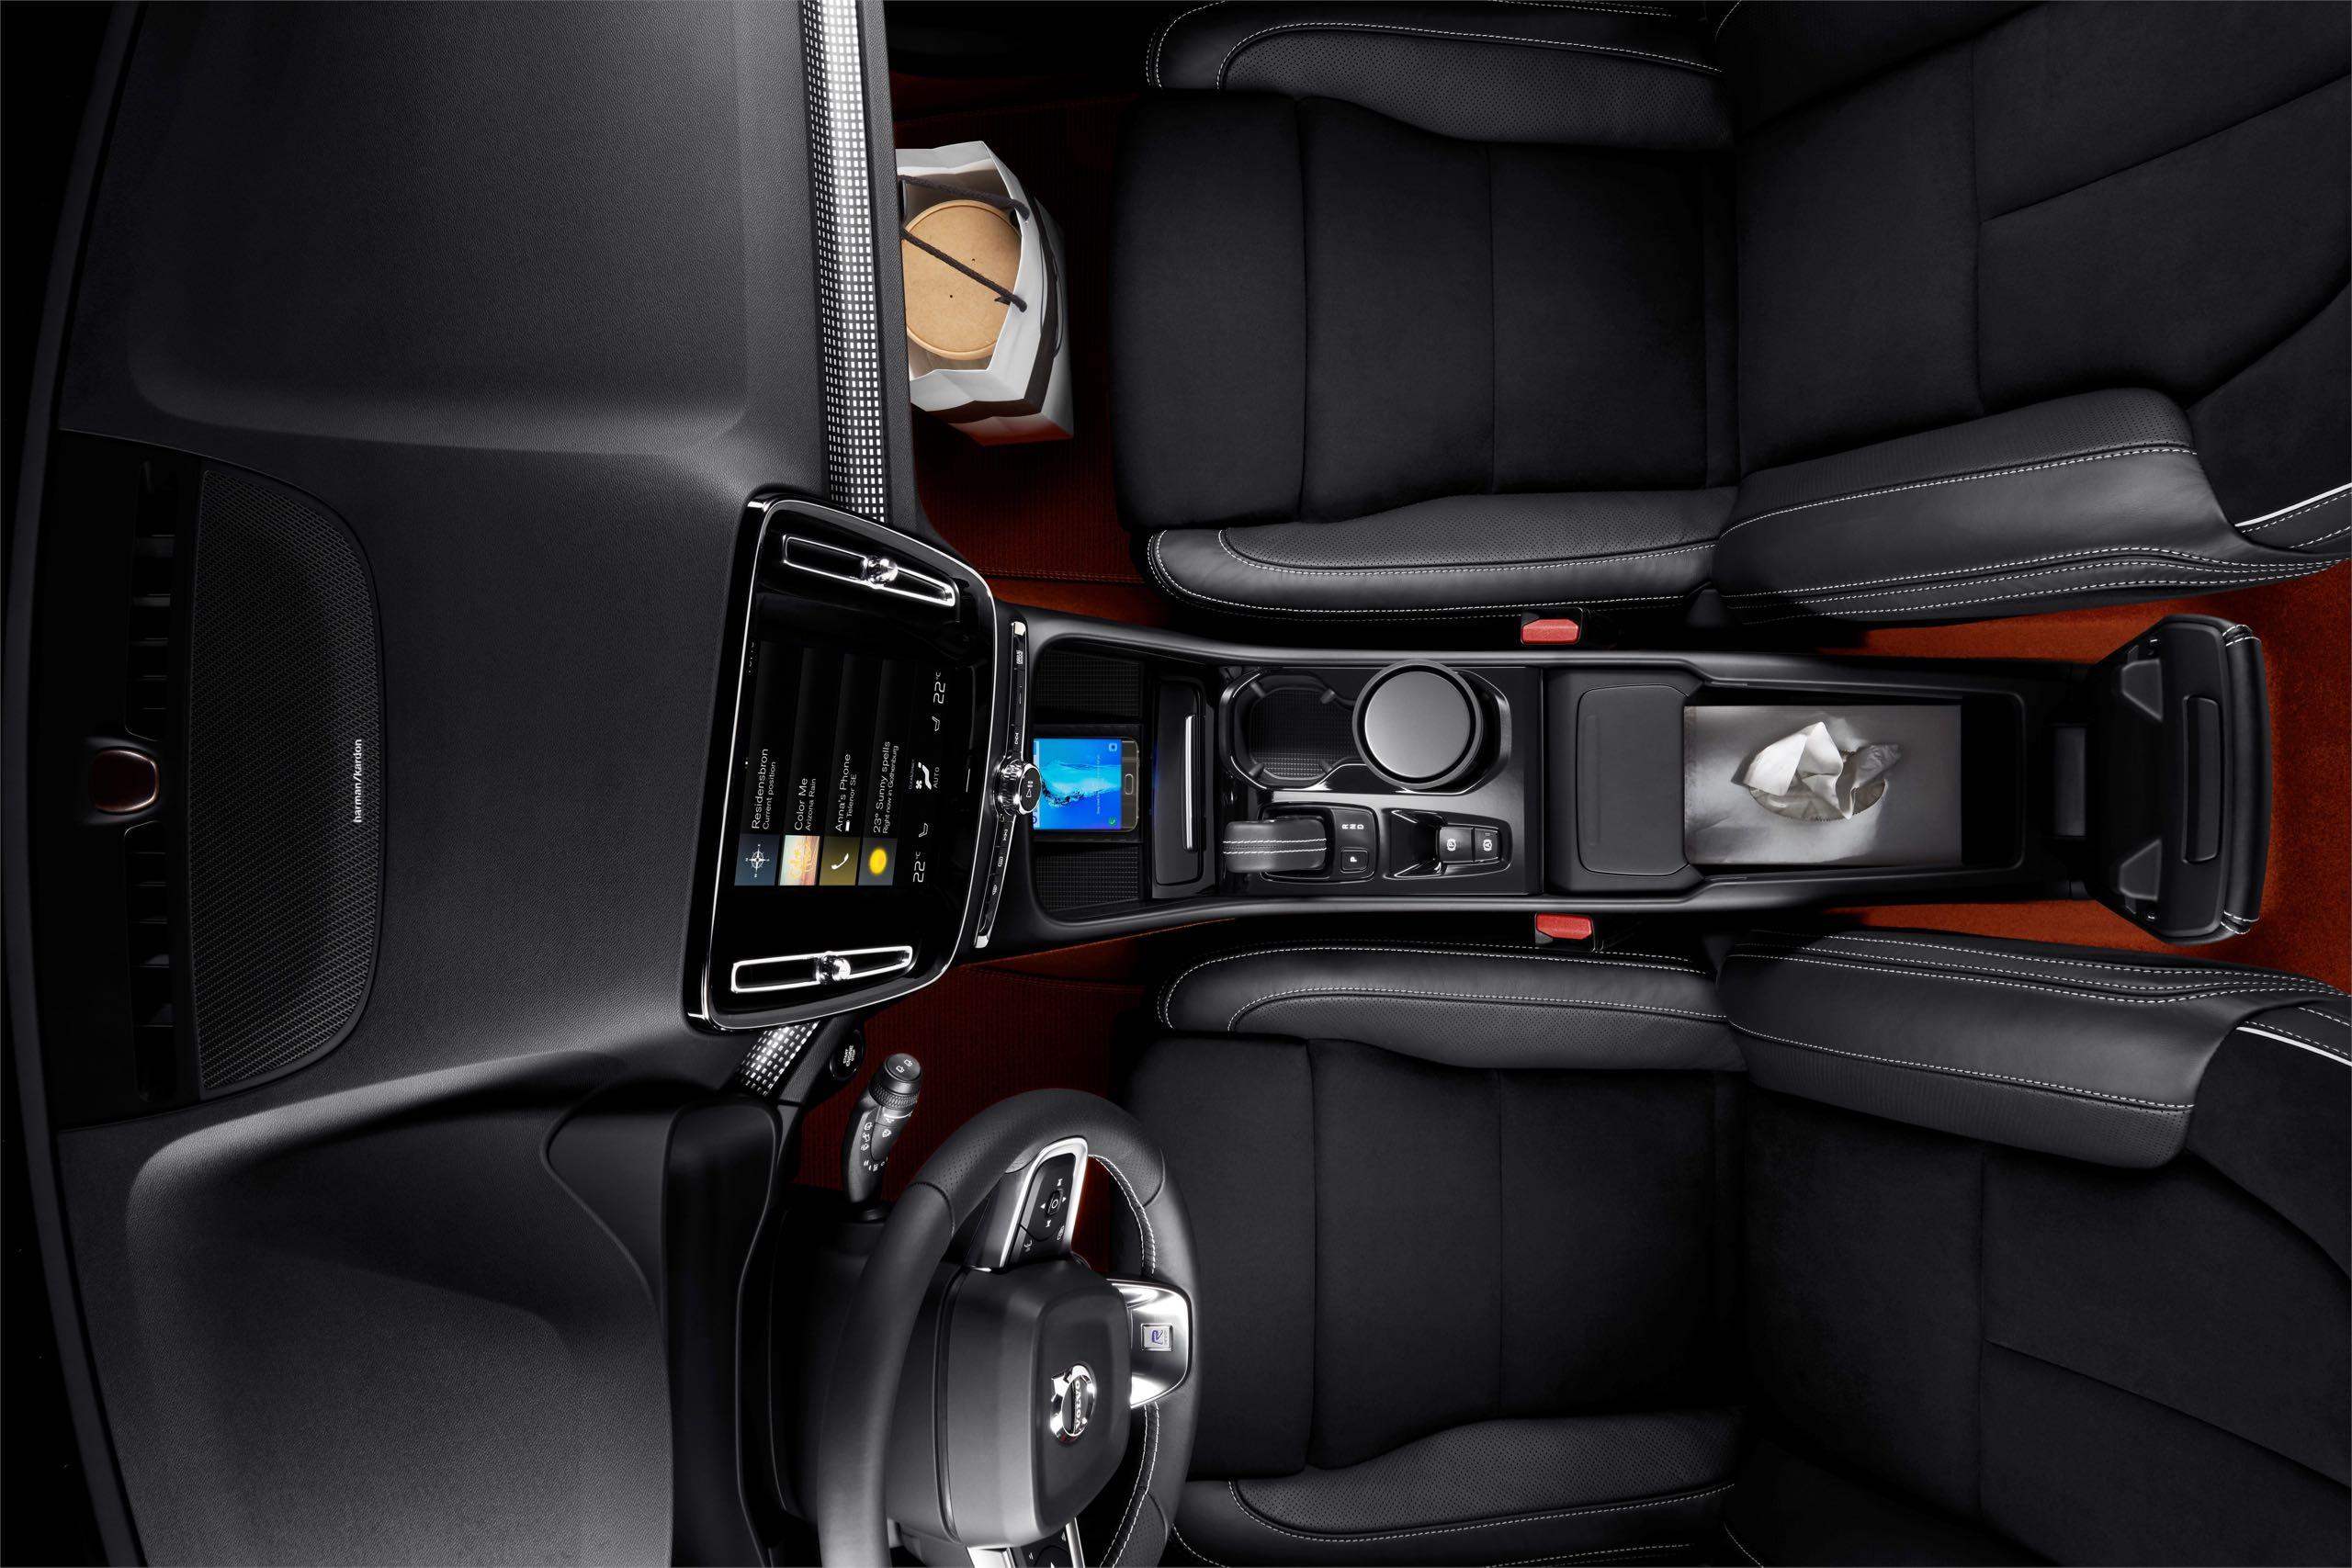 New Volvo XC40 Interior -  2017, 2018, 2018 New XC40, Images, Interior, New XC40